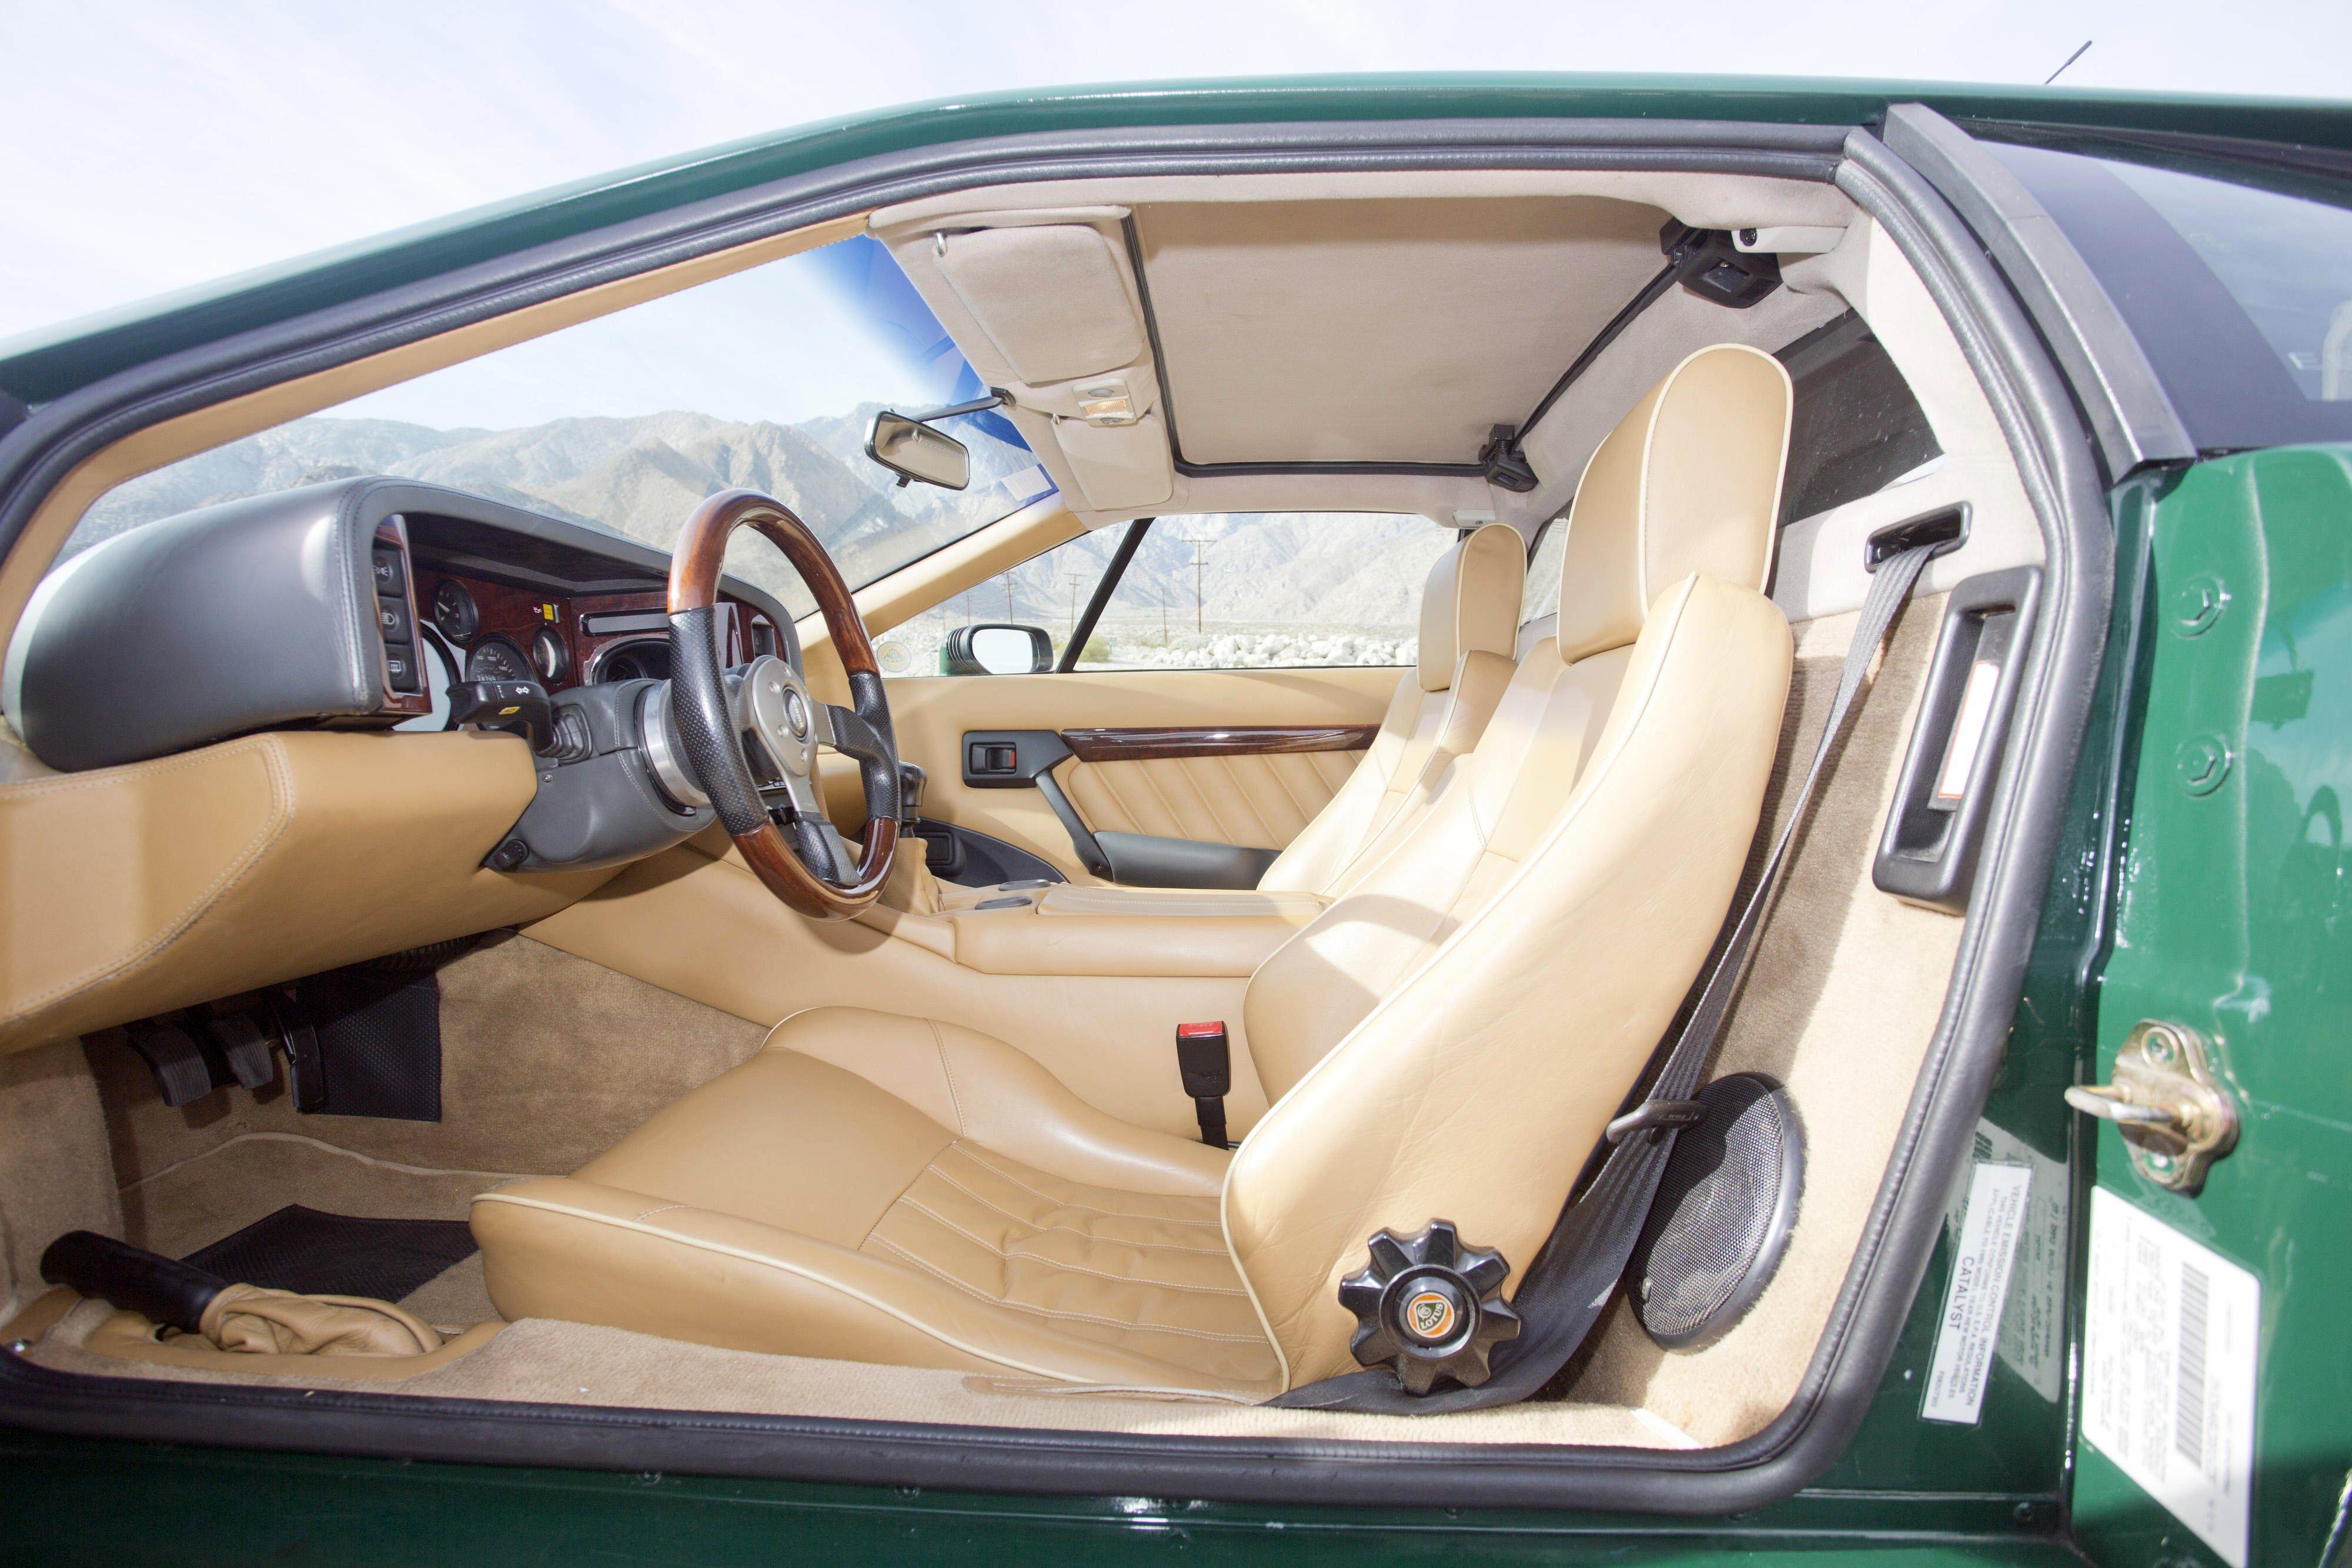 Lotus esprit s4s coupe classic cars 1995 interior wallpaper lotus esprit s4s coupe classic cars 1995 interior wallpaper 4000x2667 626393 wallpaperup vanachro Choice Image